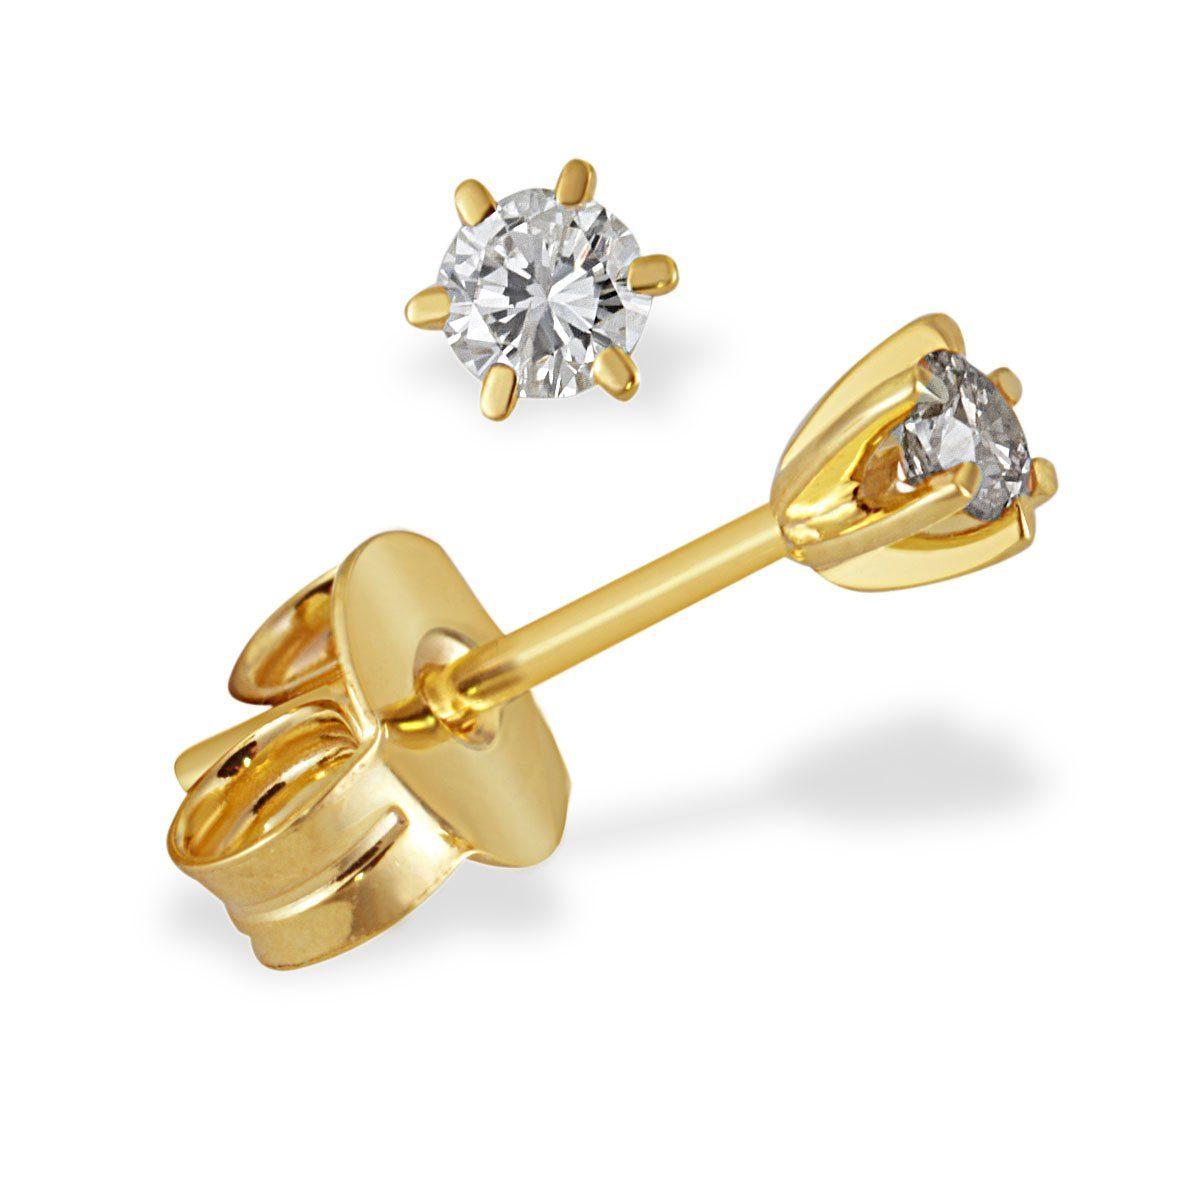 goldmaid Paar Ohrstecker Solitär 6er-Stotzen 585/- Gelbgold 2 Brillanten